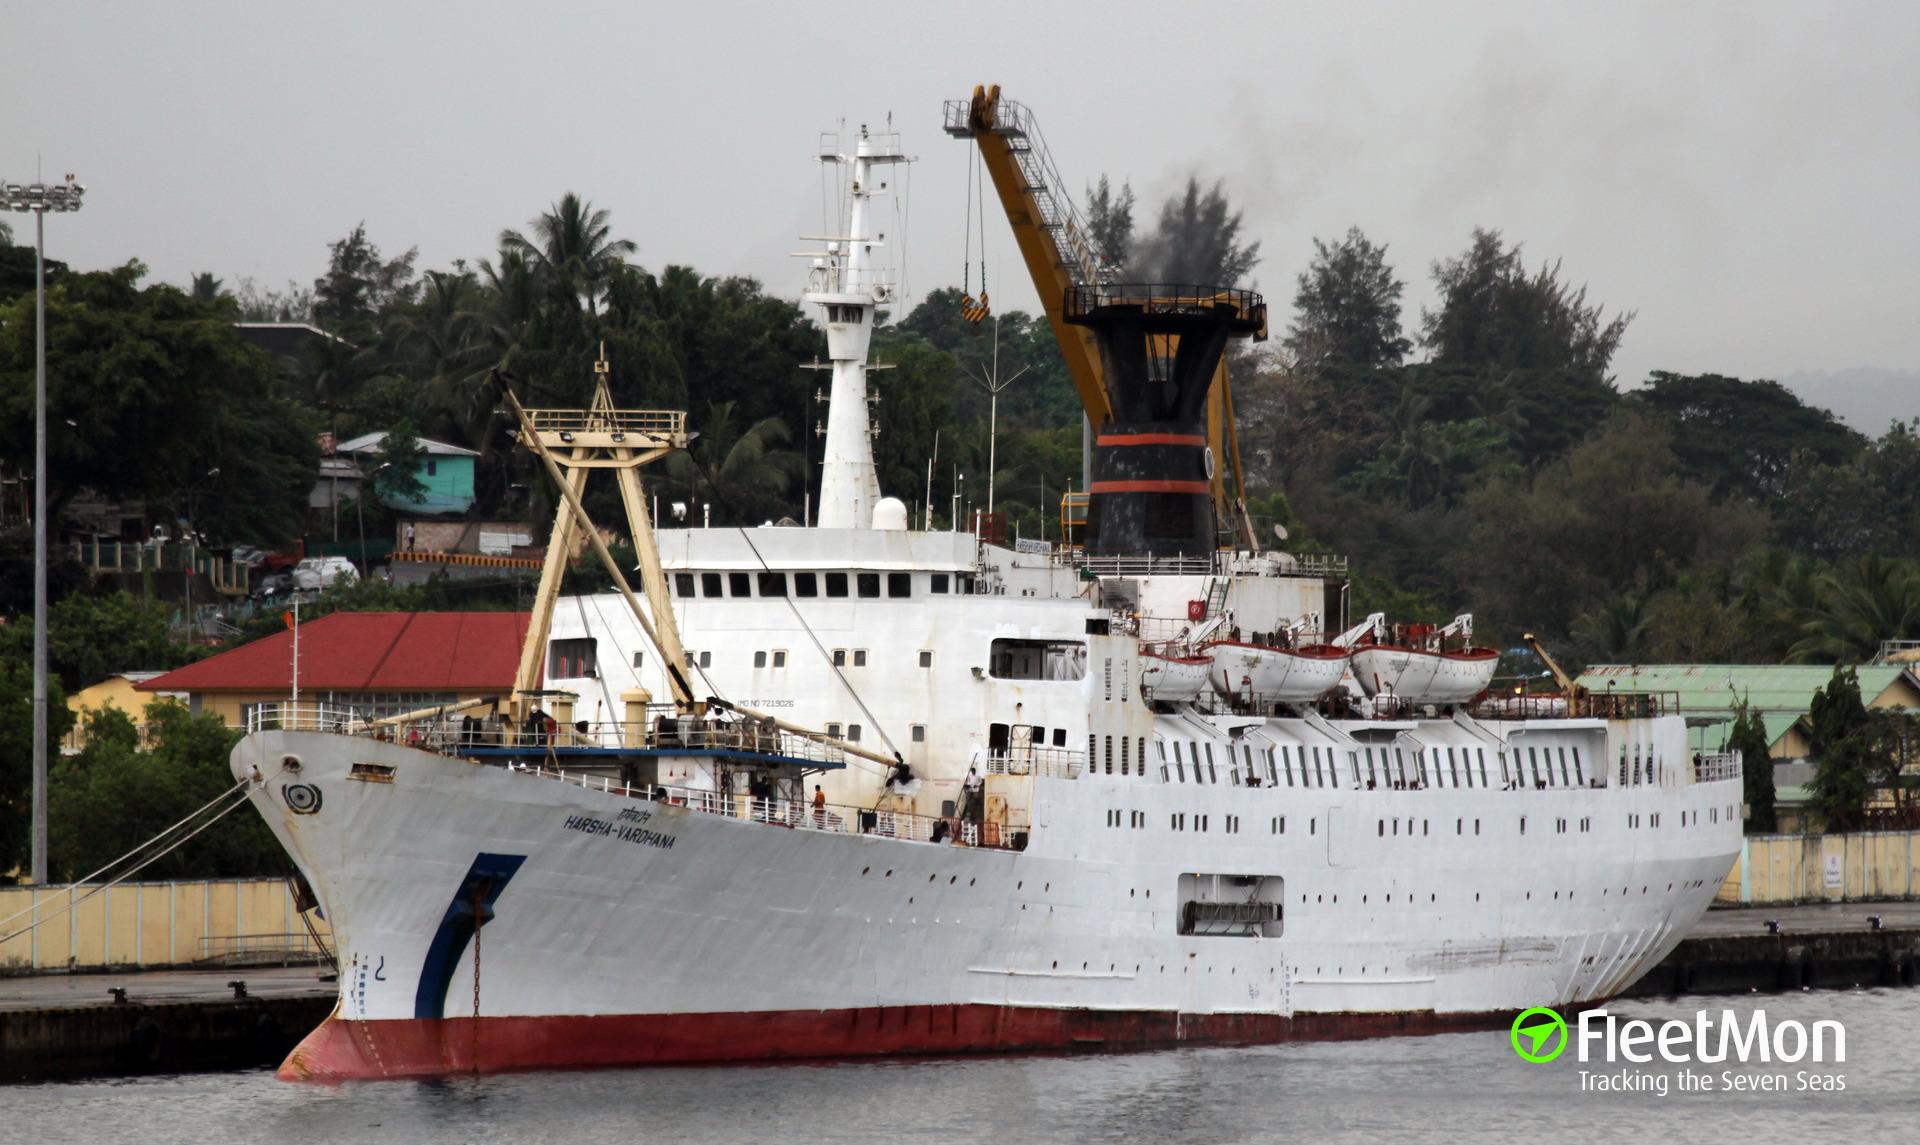 Passenger ship HARSHAVARDHANA with 480 passengers on board disabled, adrift